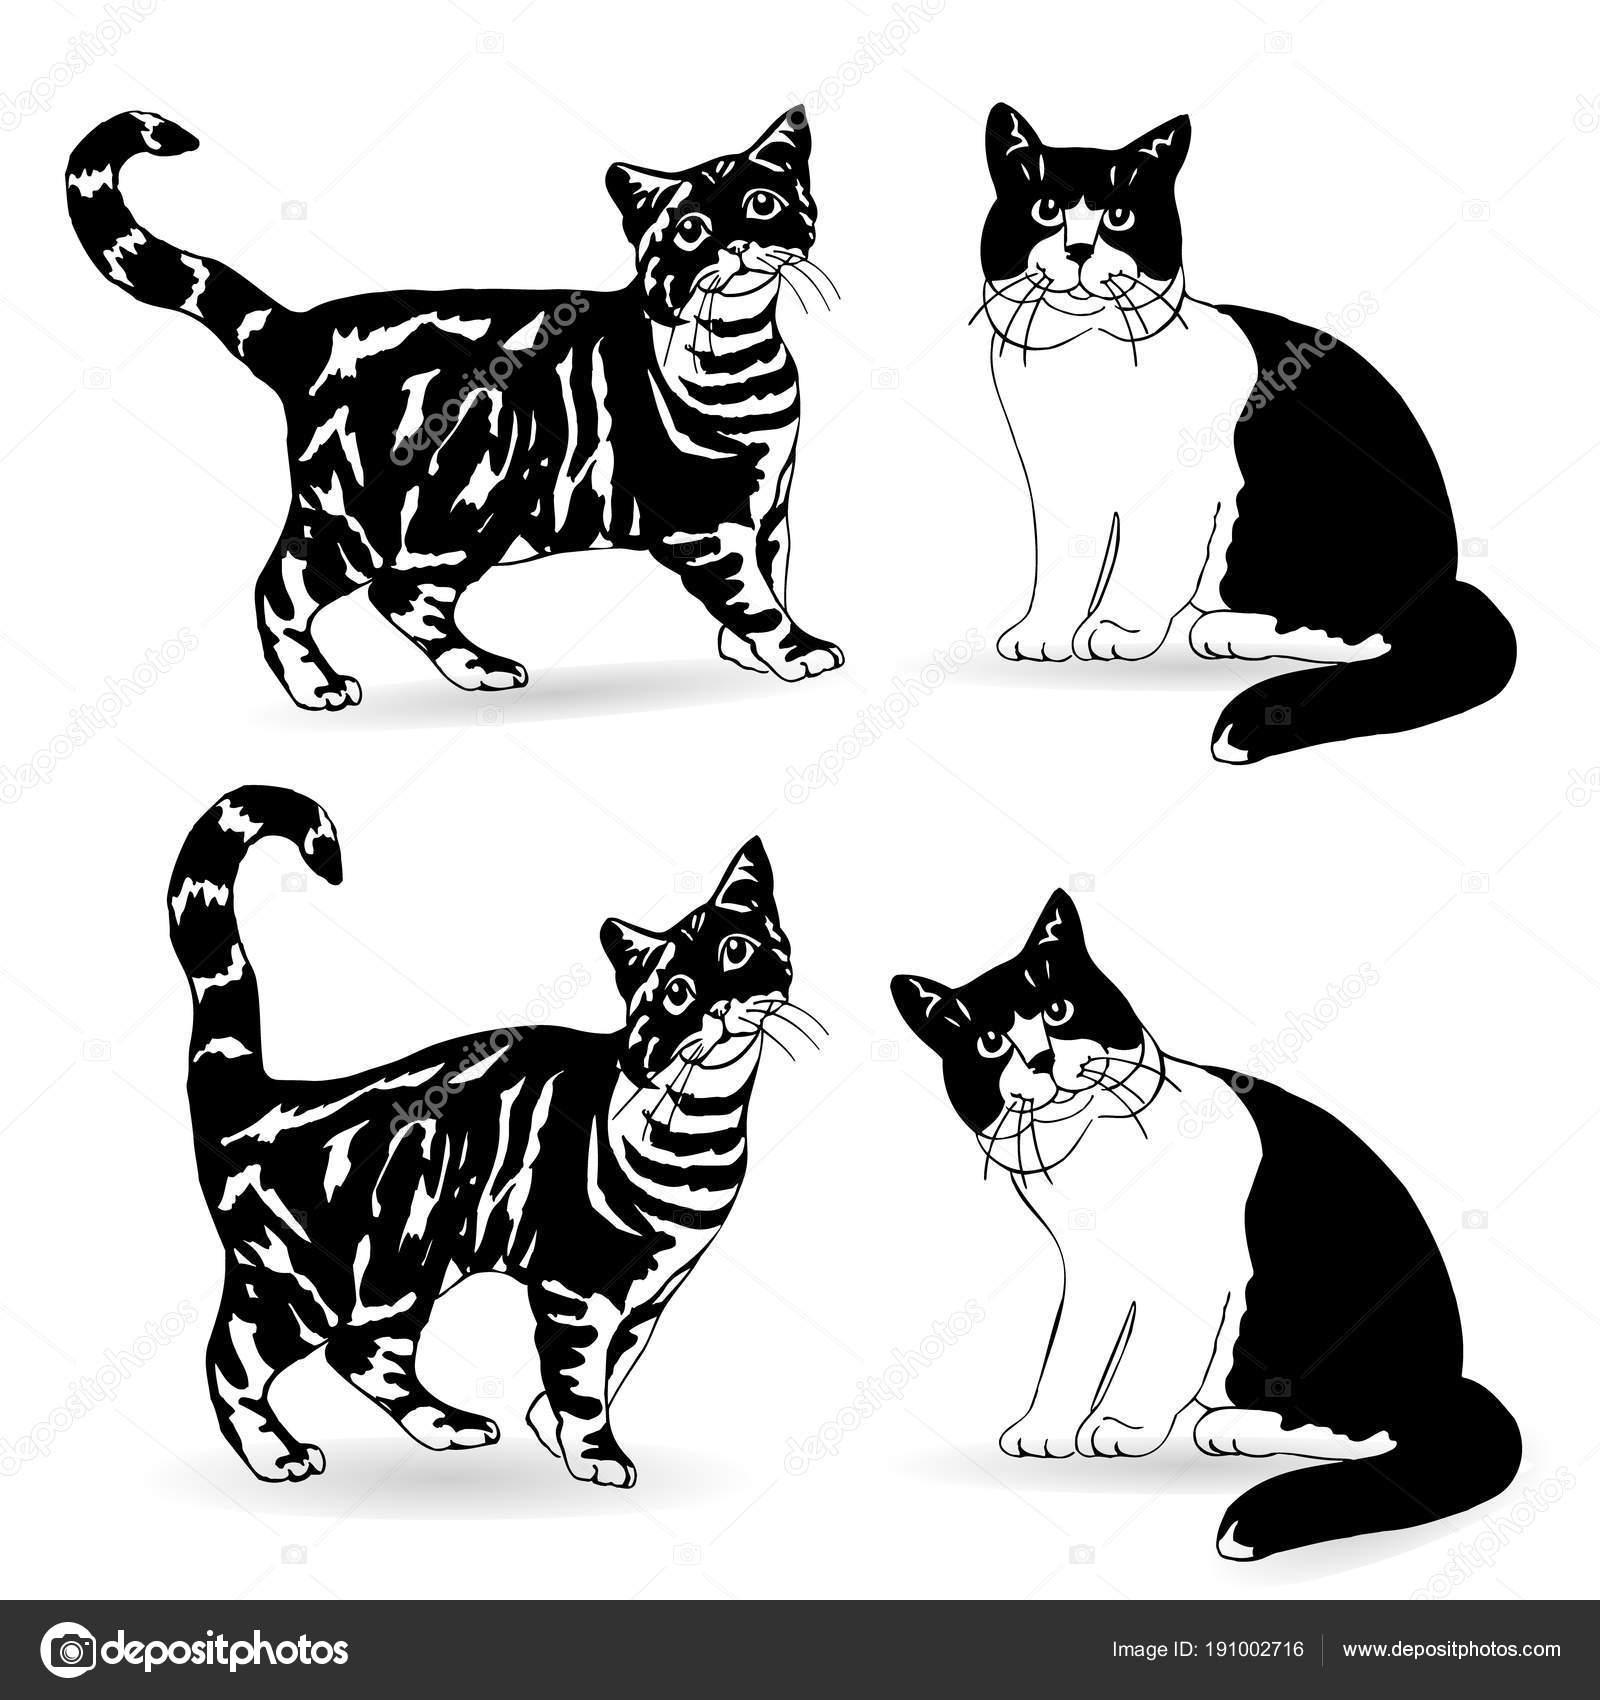 Dibujo Gato Negro Y Blanco Silueta Negra De La Colección De Gato